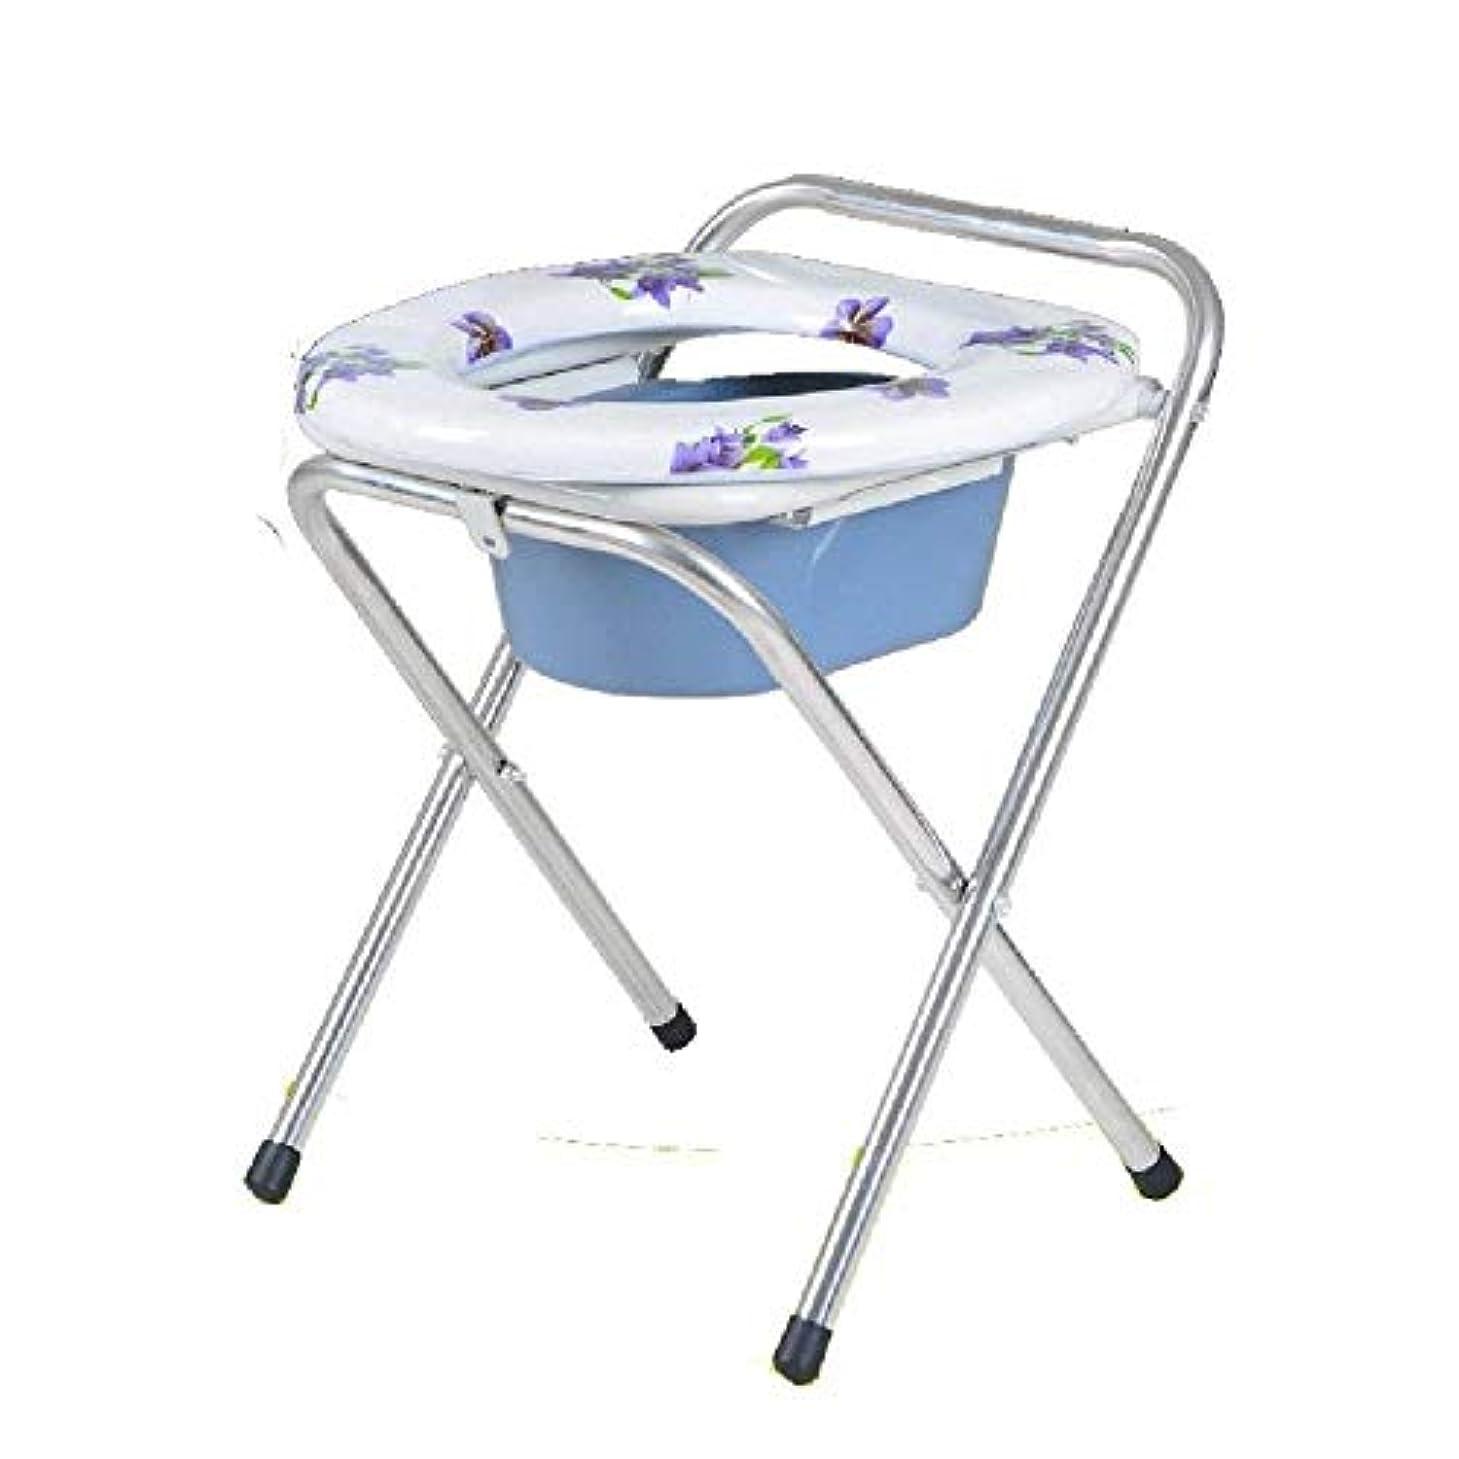 先艦隊教育する折りたたみ式便器椅子、高齢者妊娠便座用ステンレス便座